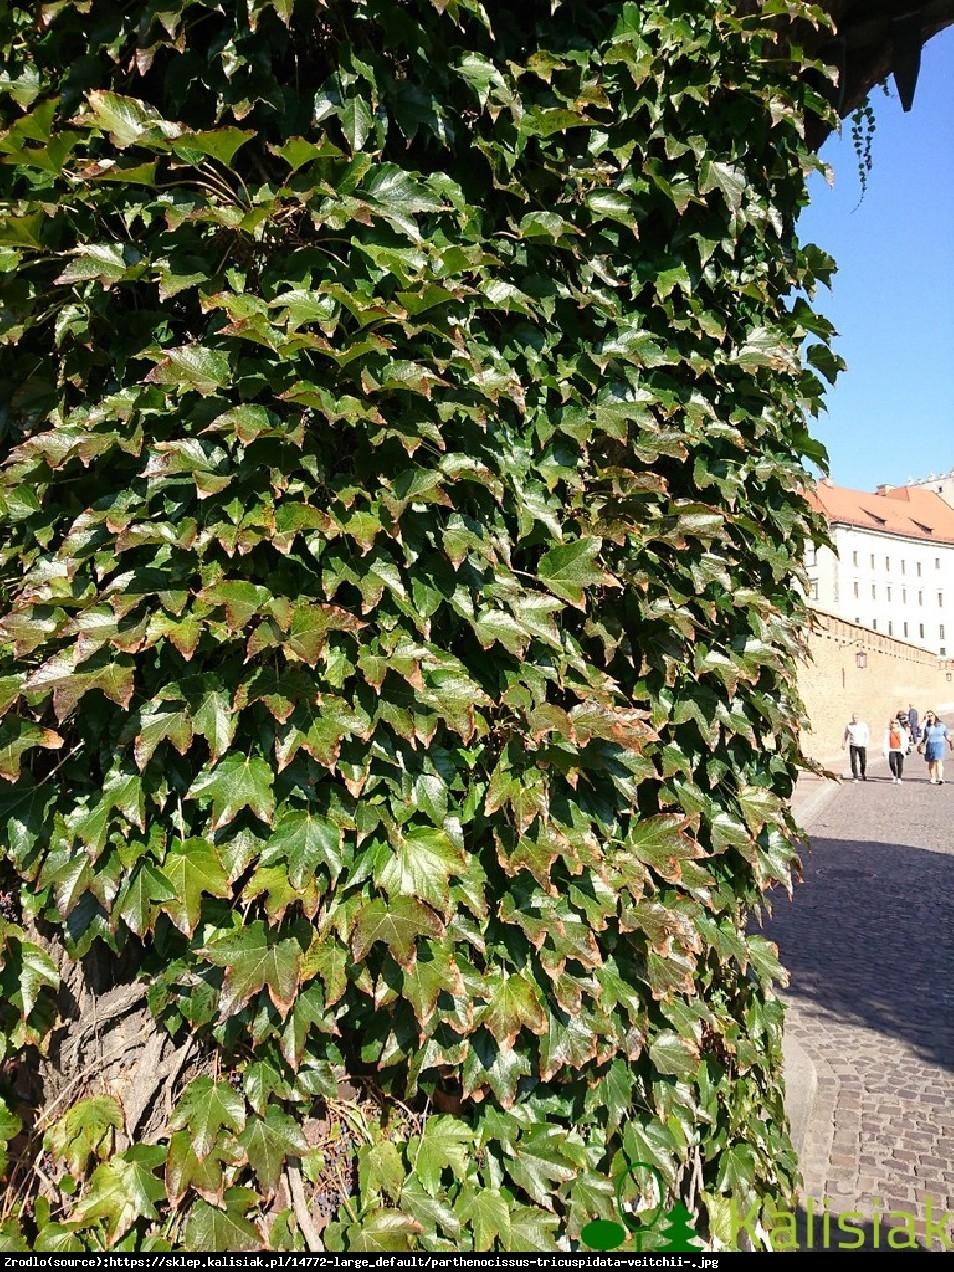 Winobluszcz trójklapowy Veitchii  - Parthenocissus tricuspidata Veitchii